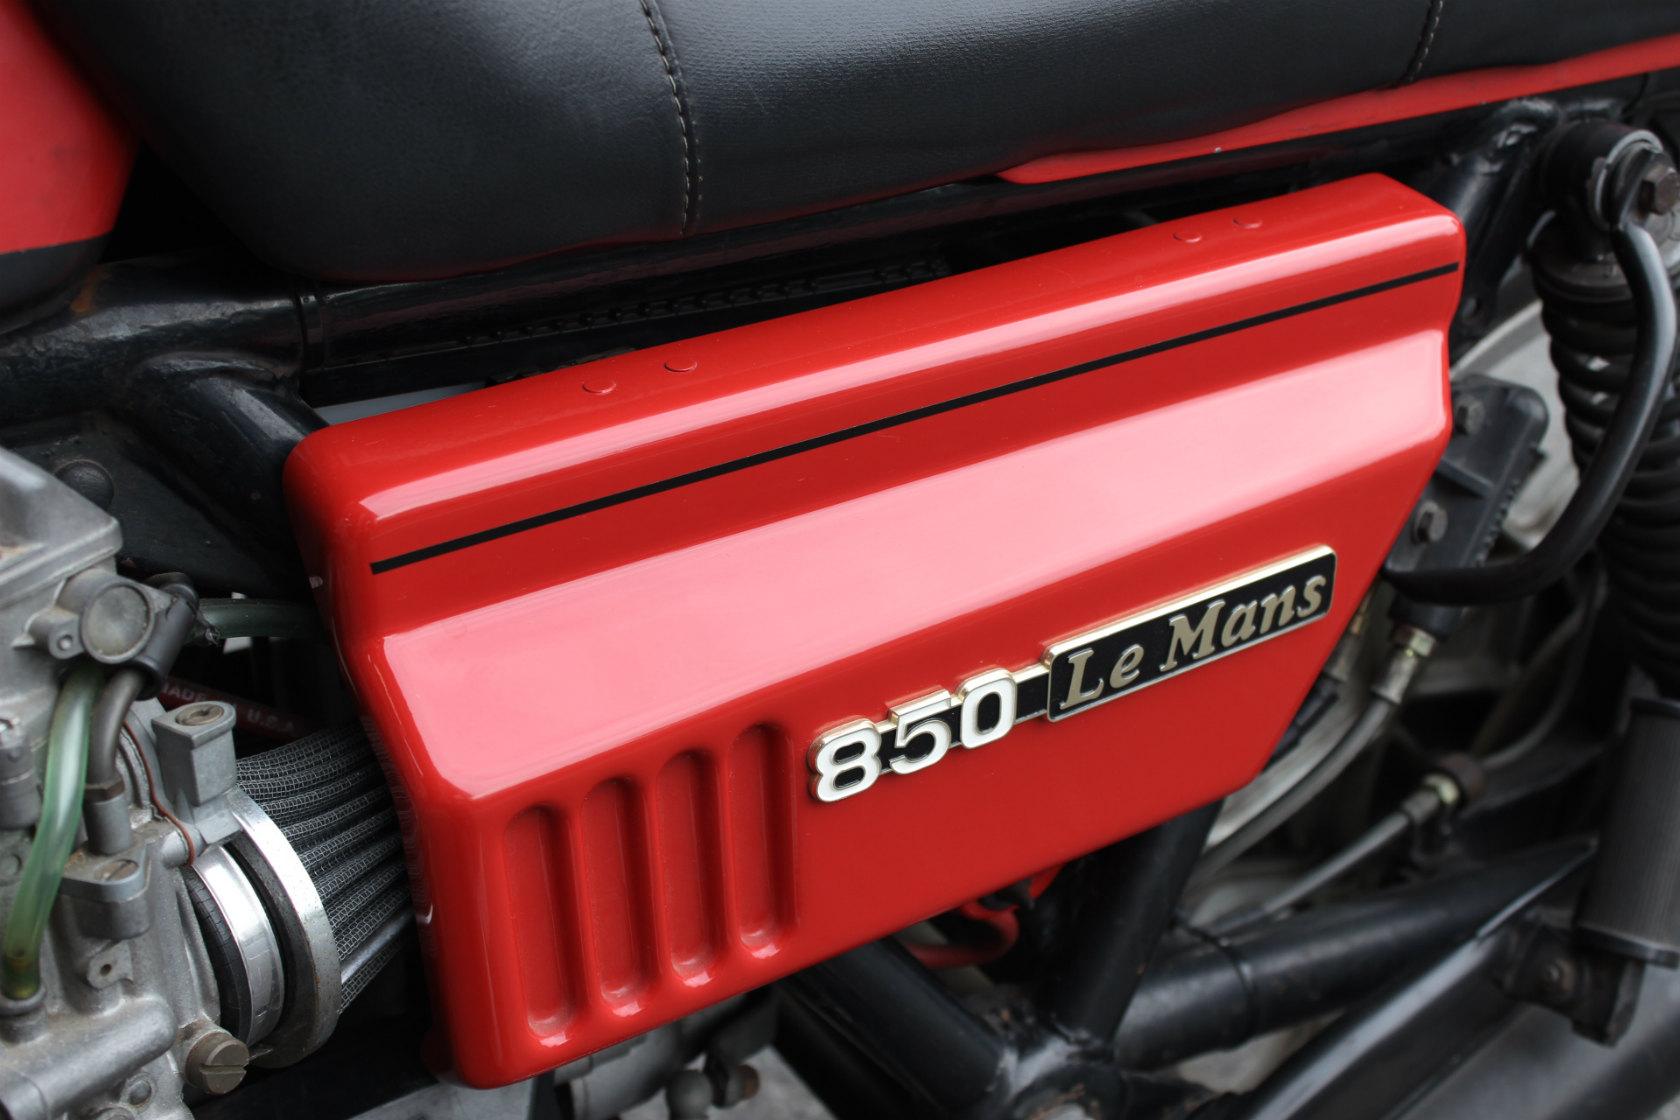 Moto Guzzi CX100 Le mansⅠCustom_a0208987_12185197.jpg